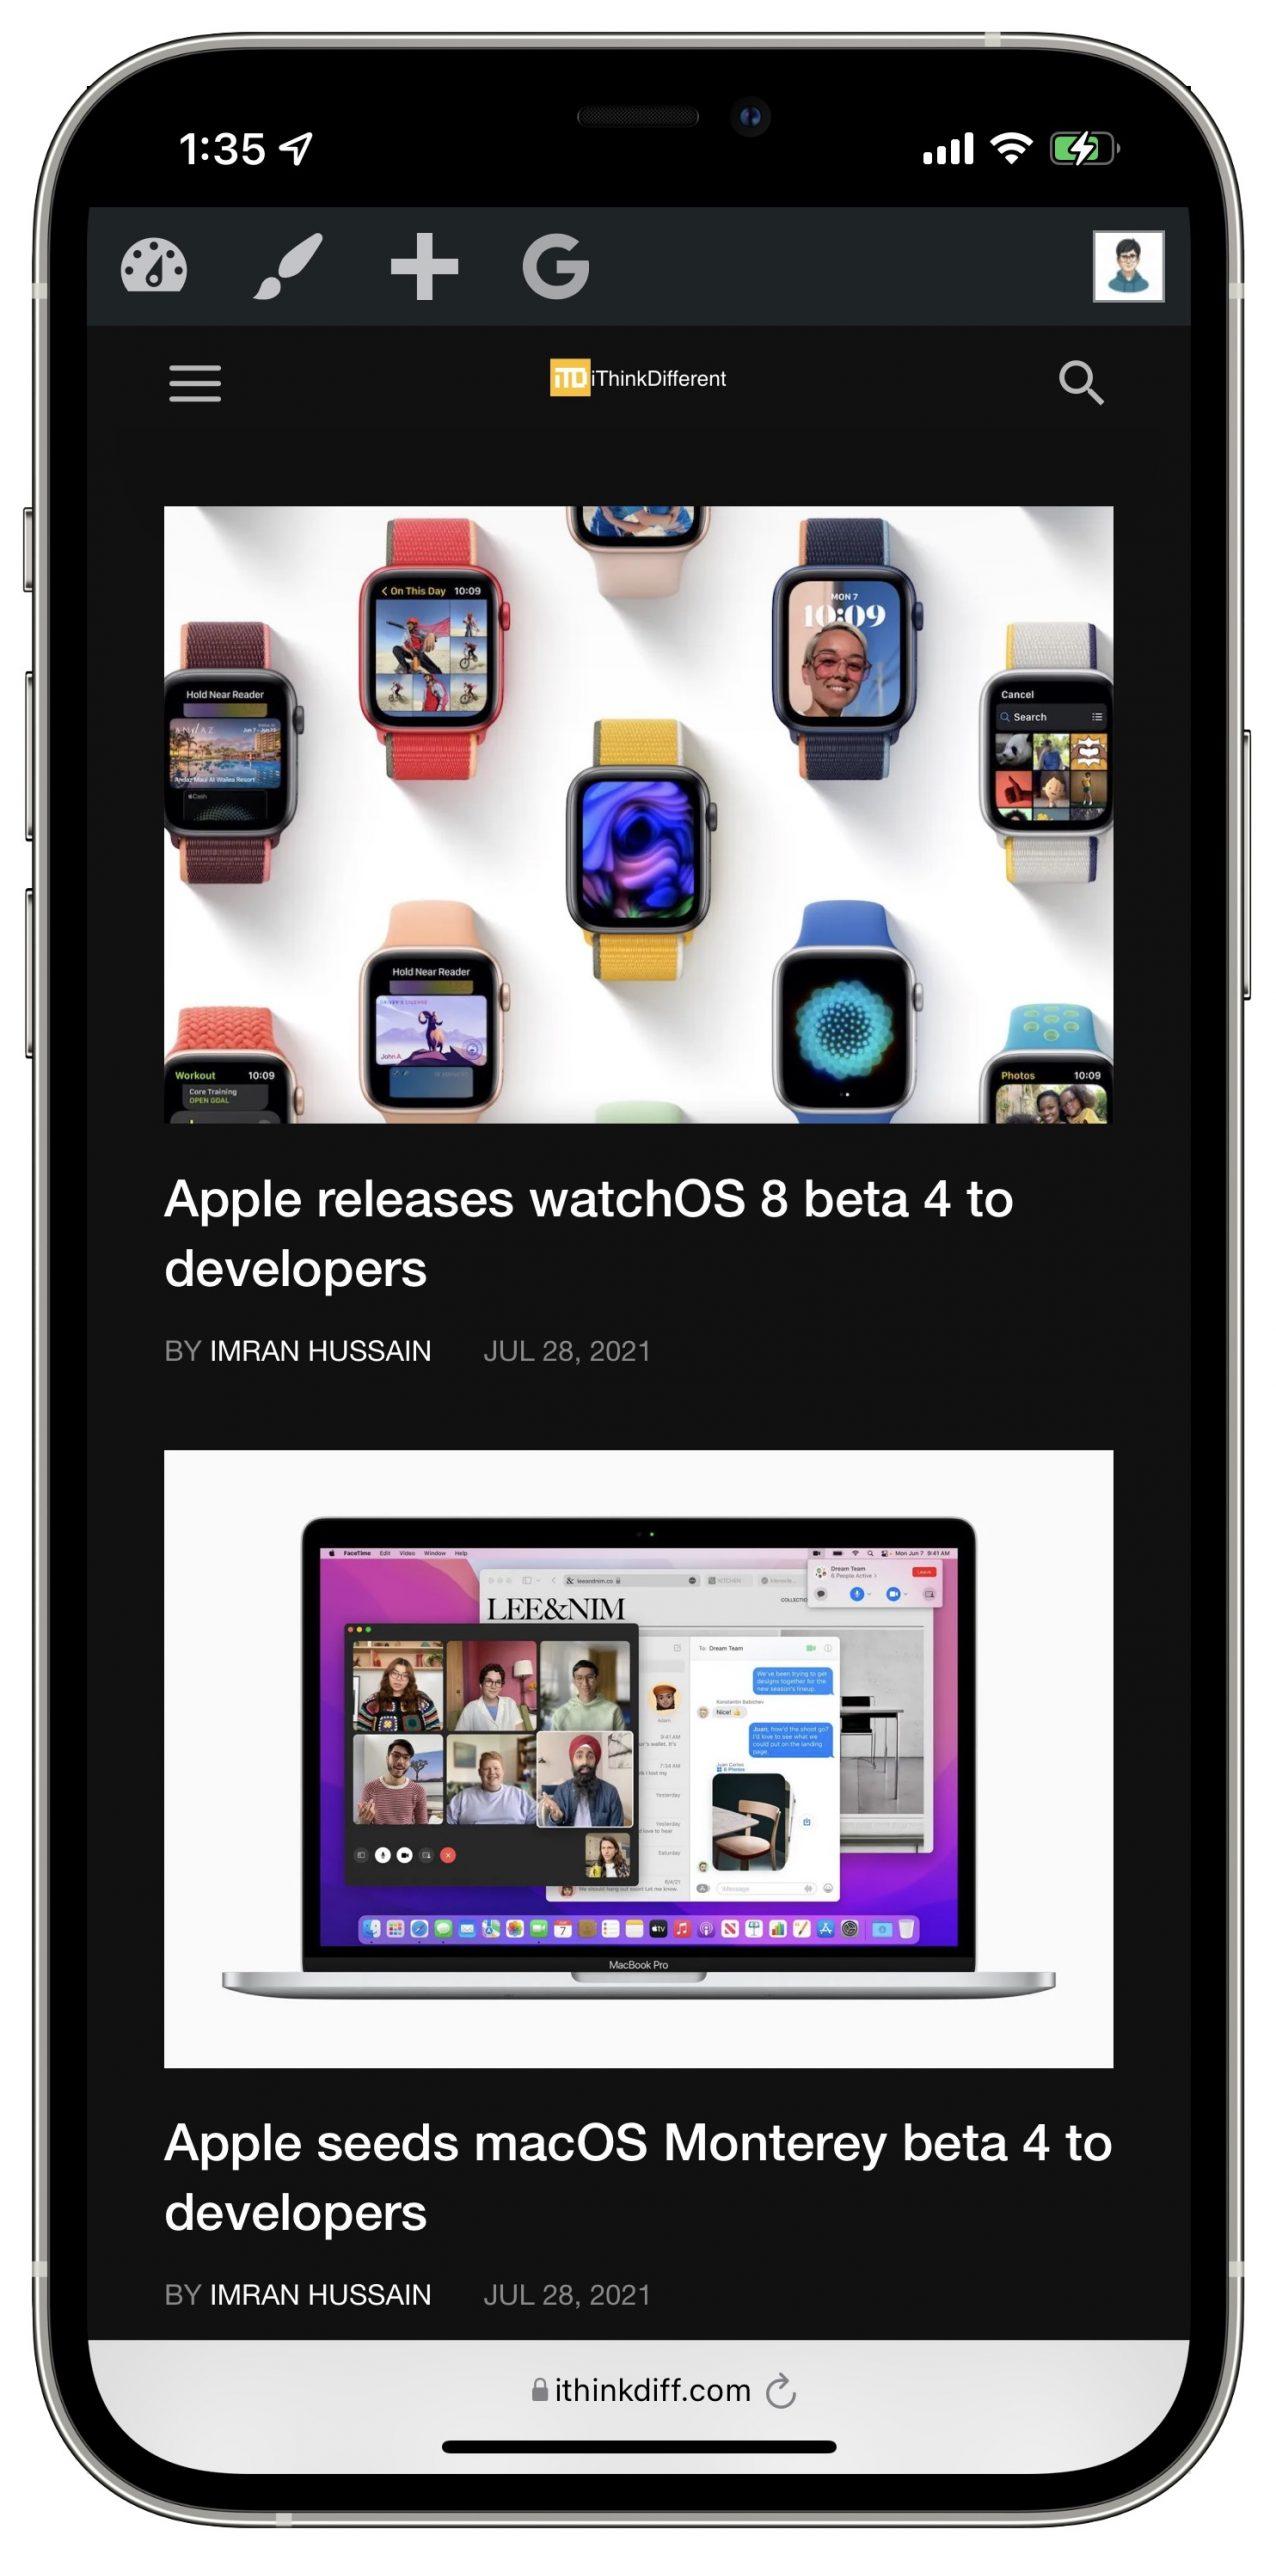 iOS 15 beta 4 Safari updates